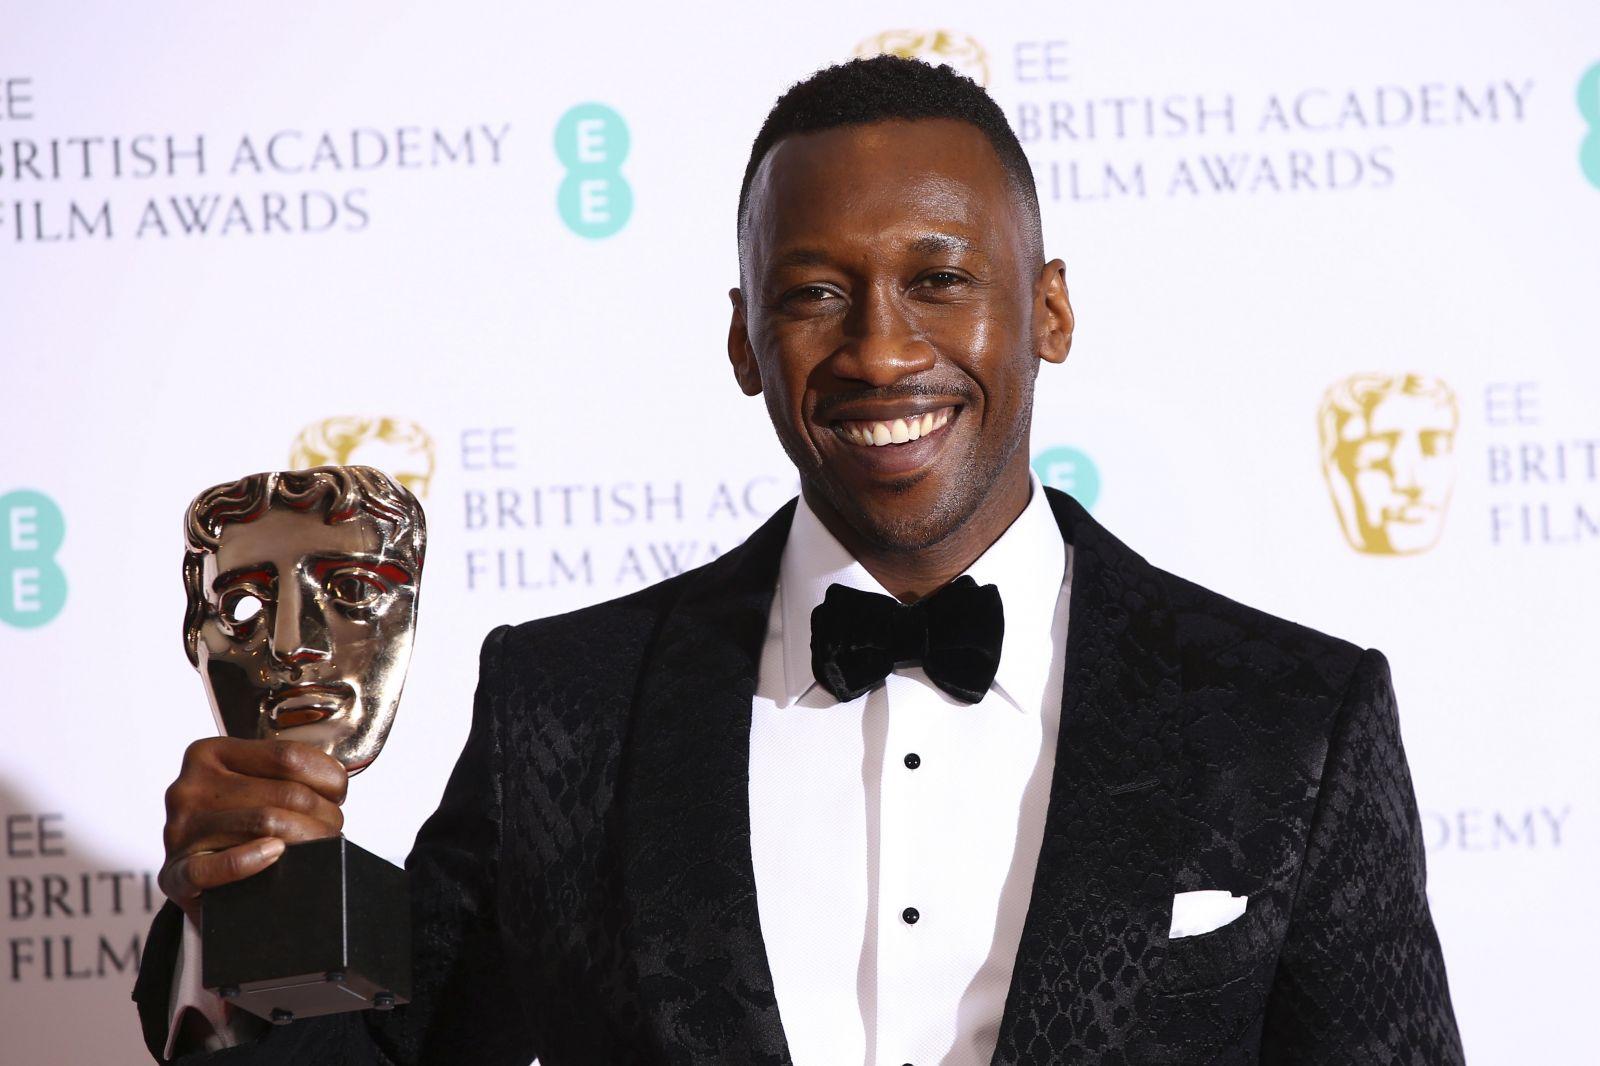 Všetkých 18 hercov nominovaných na BAFTA Film Awards 2020 je bielej pleti